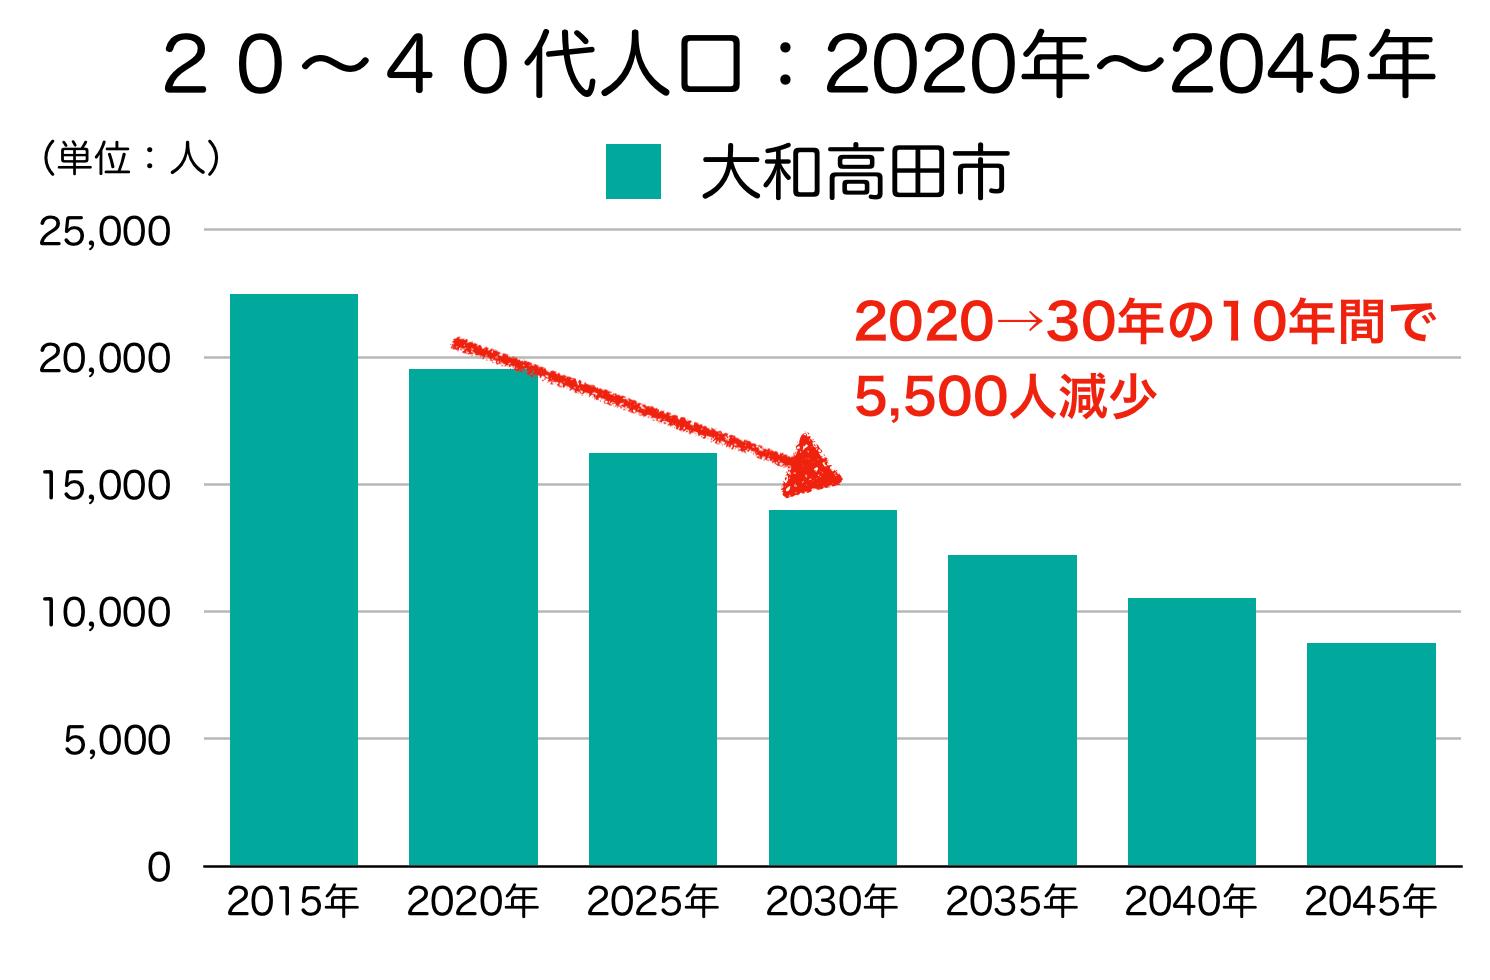 大和高田市の20〜40代人口の予測